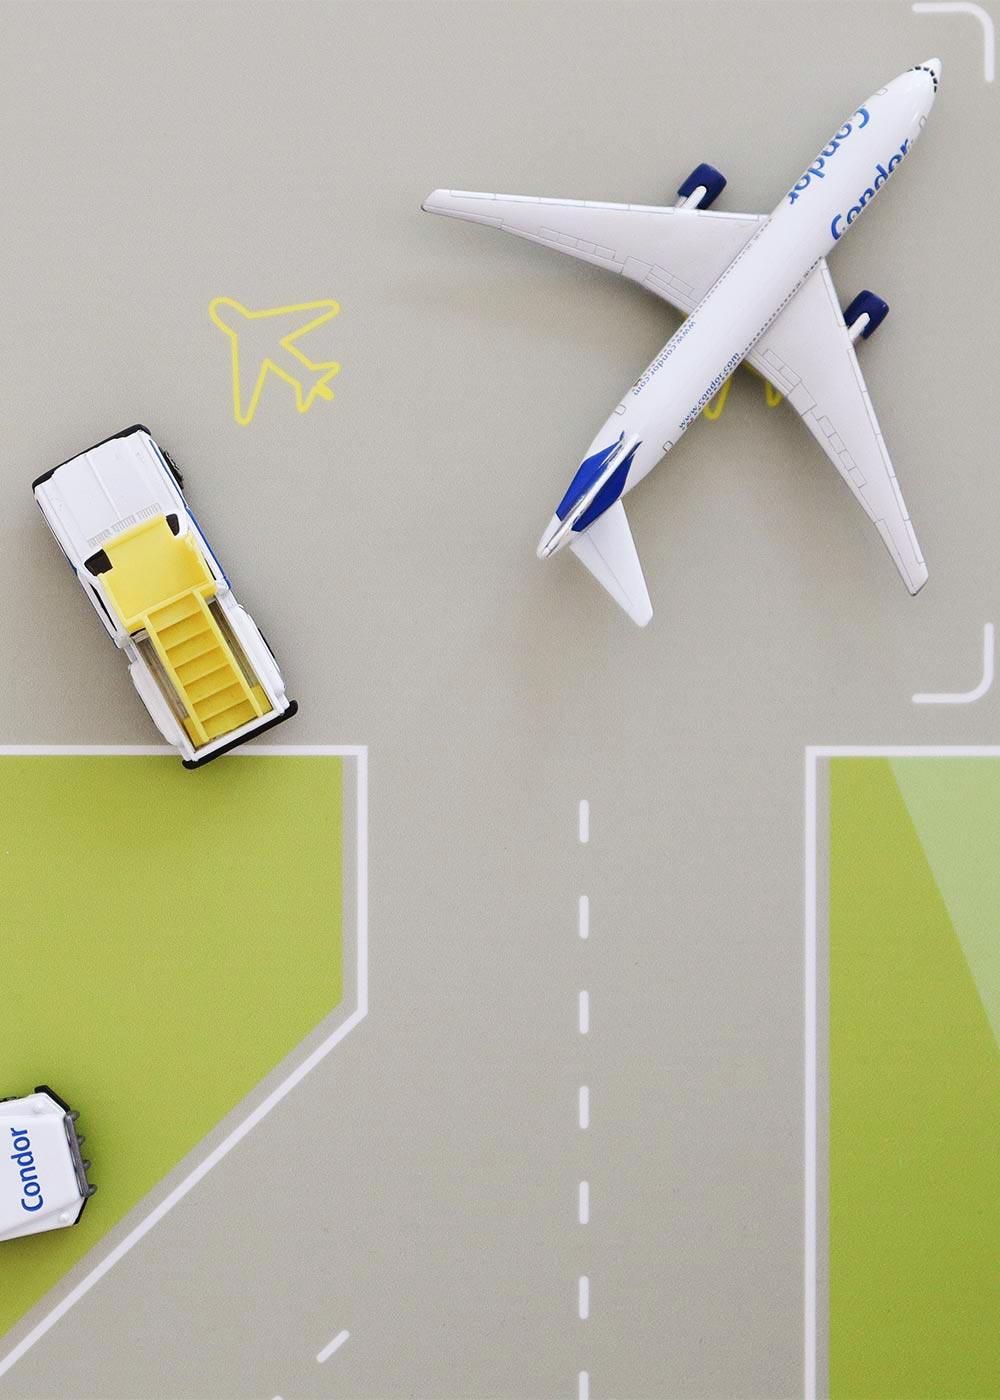 Ikea Trofast Regal Landebahn Teilansicht von oben Flugzeug